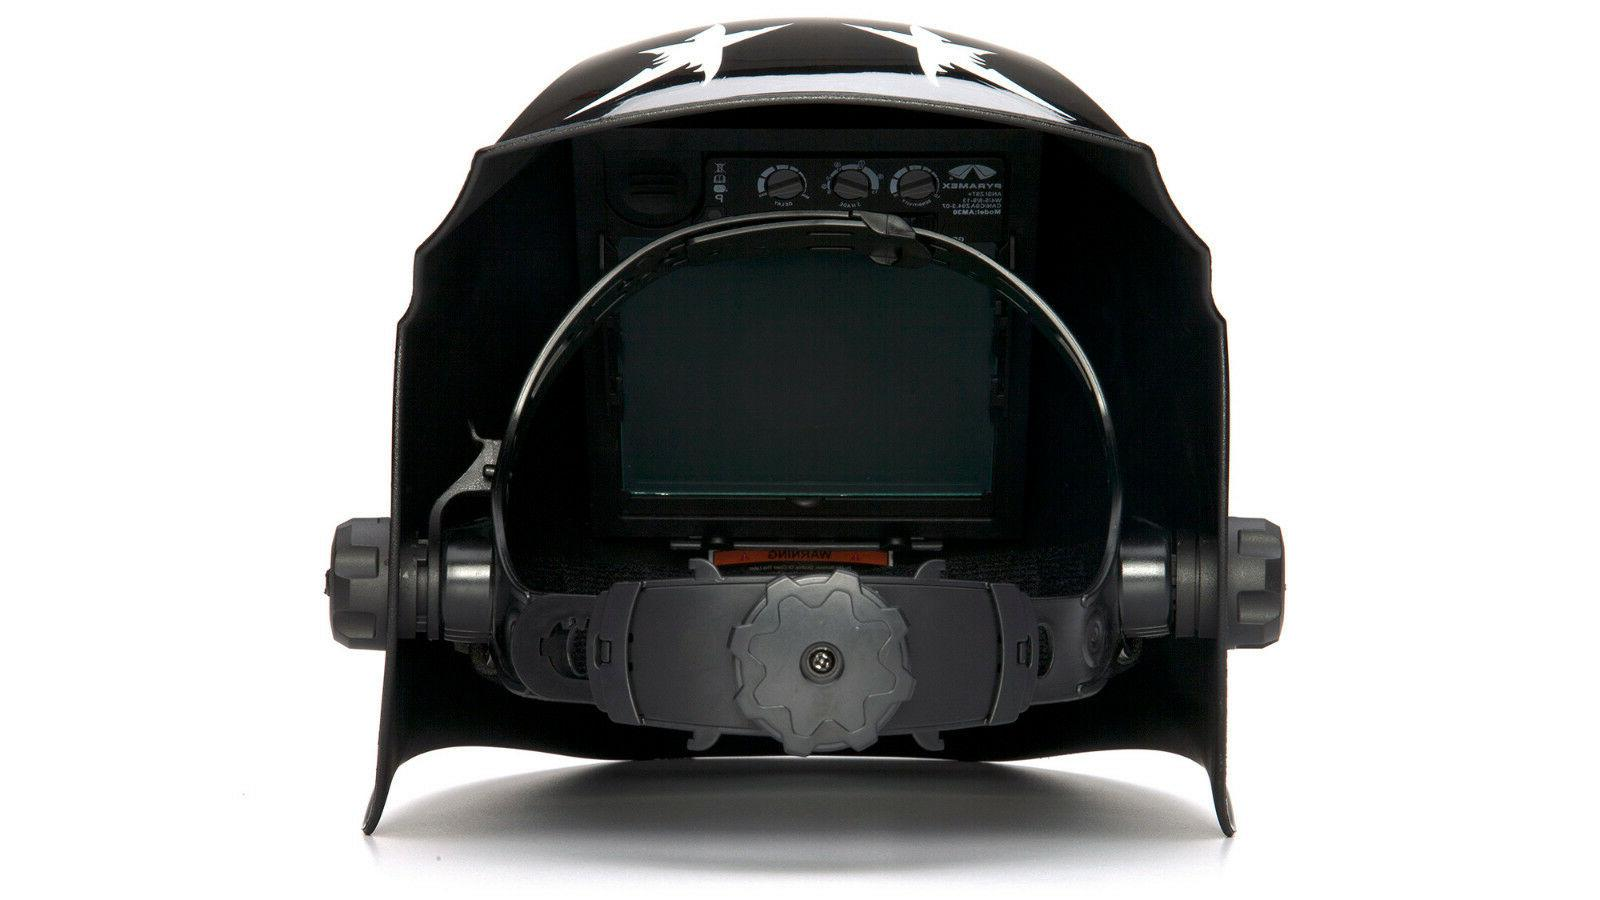 PYRAMEX AUTO Digital AMERICAN EAGLE